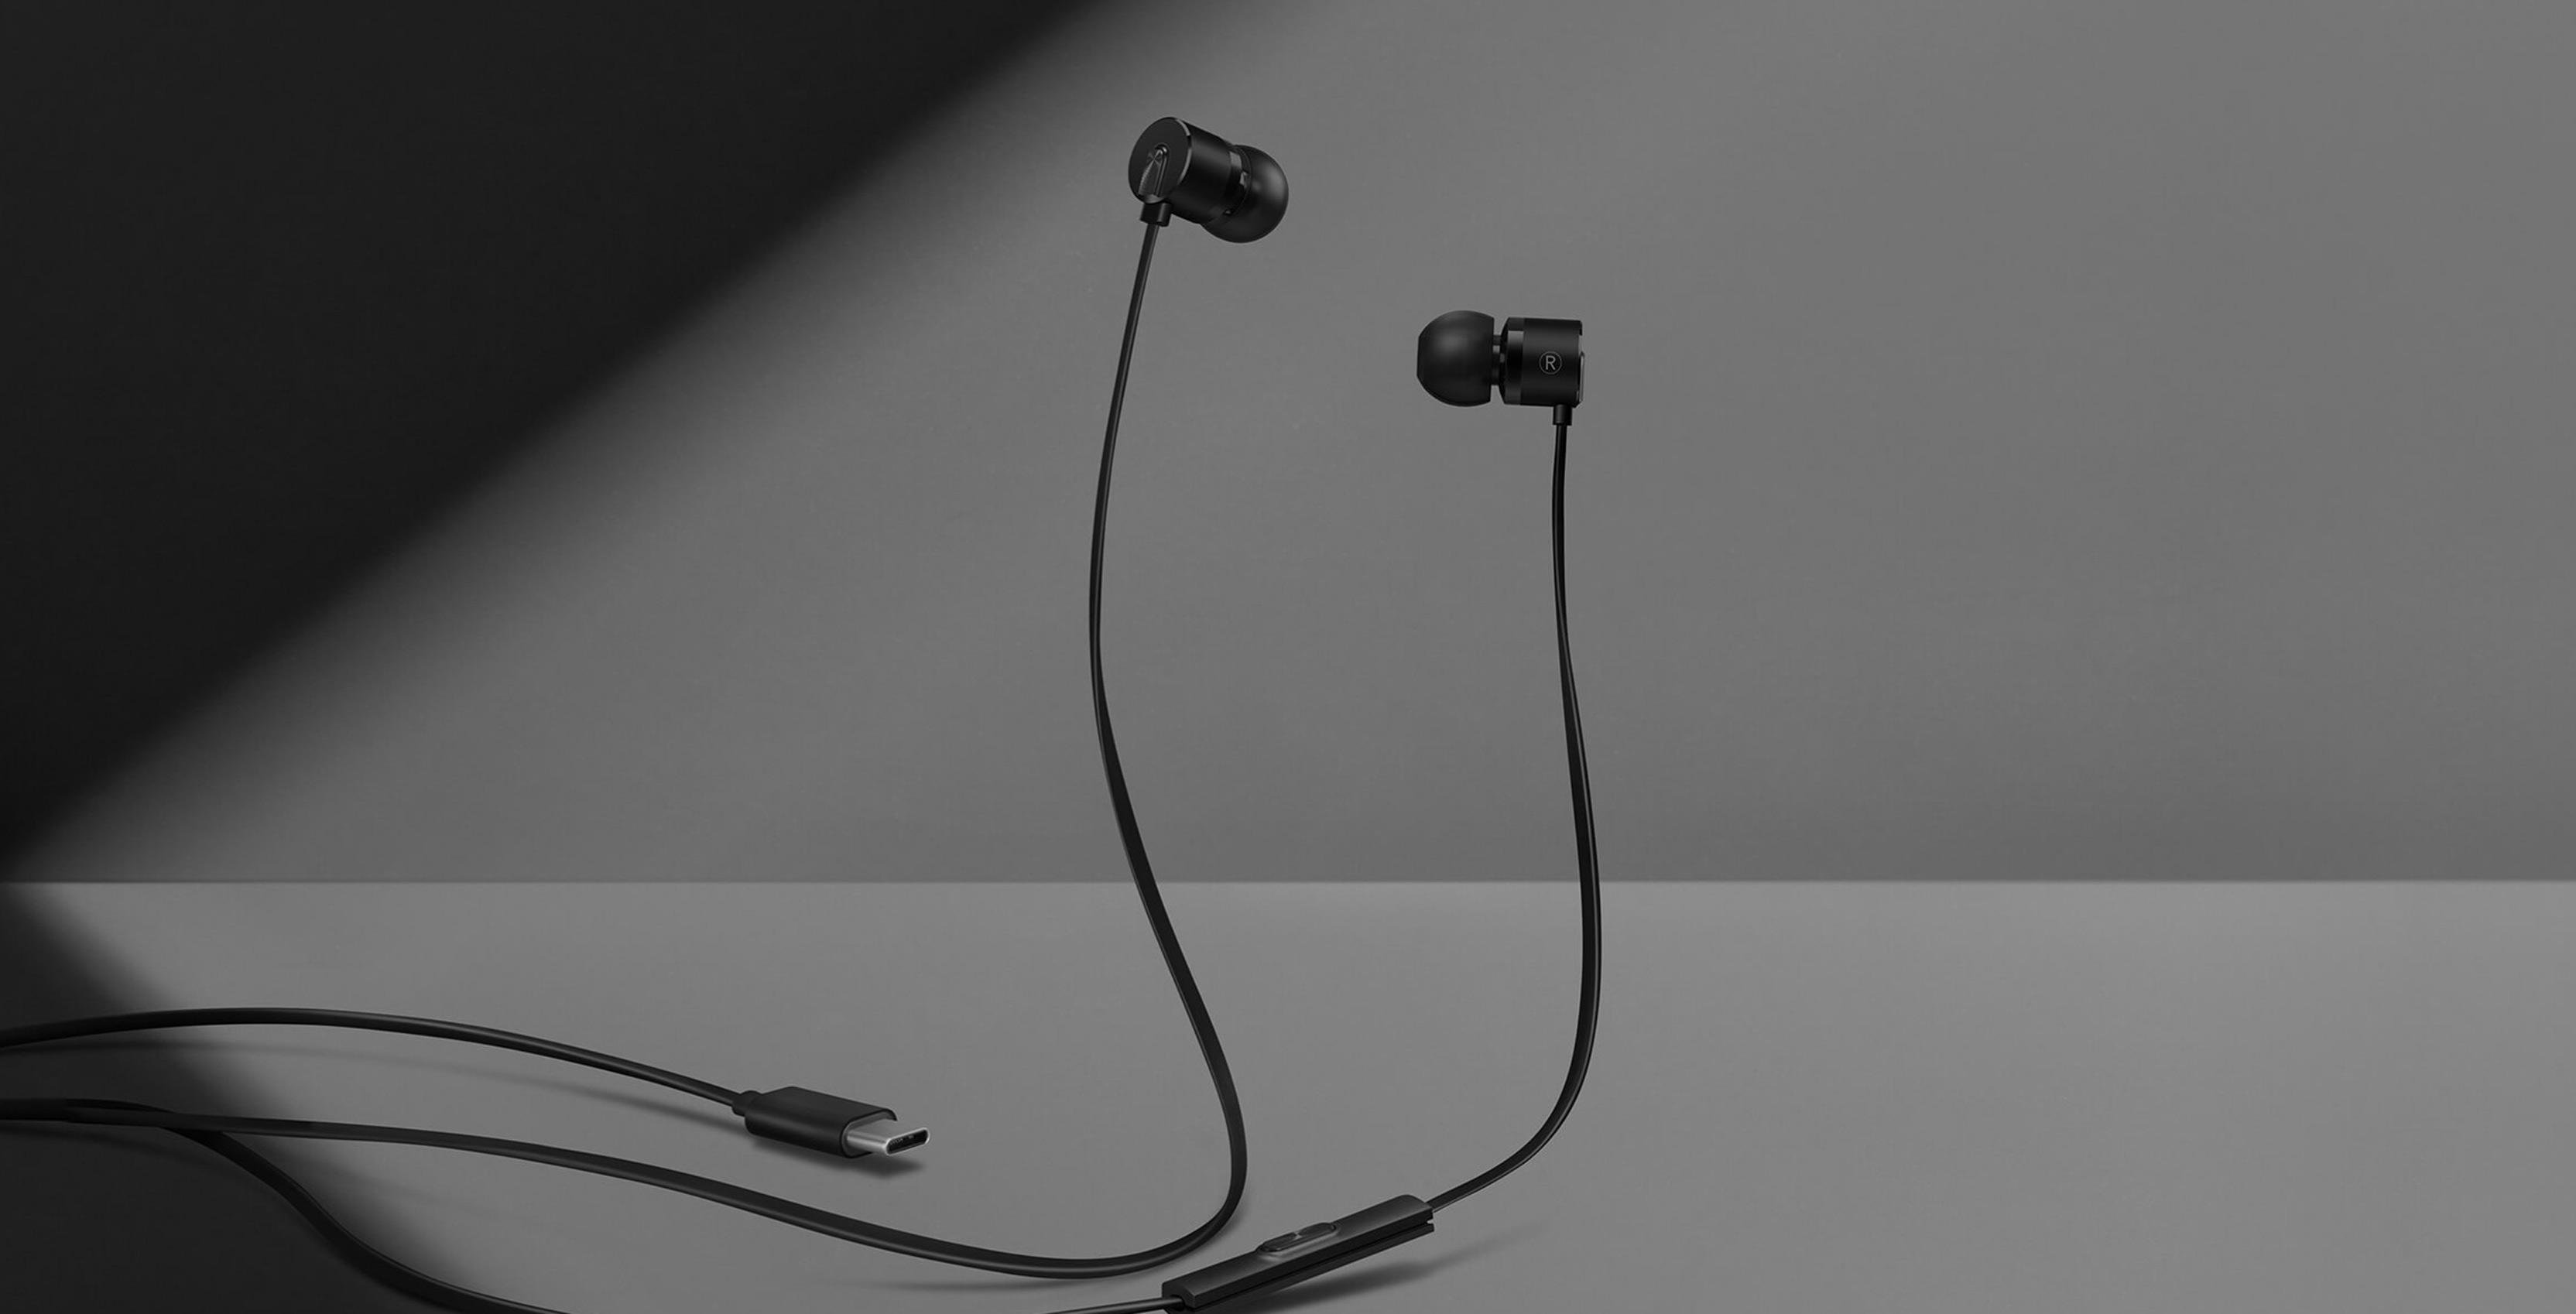 OnePlus' new USB-C Bullets headphones